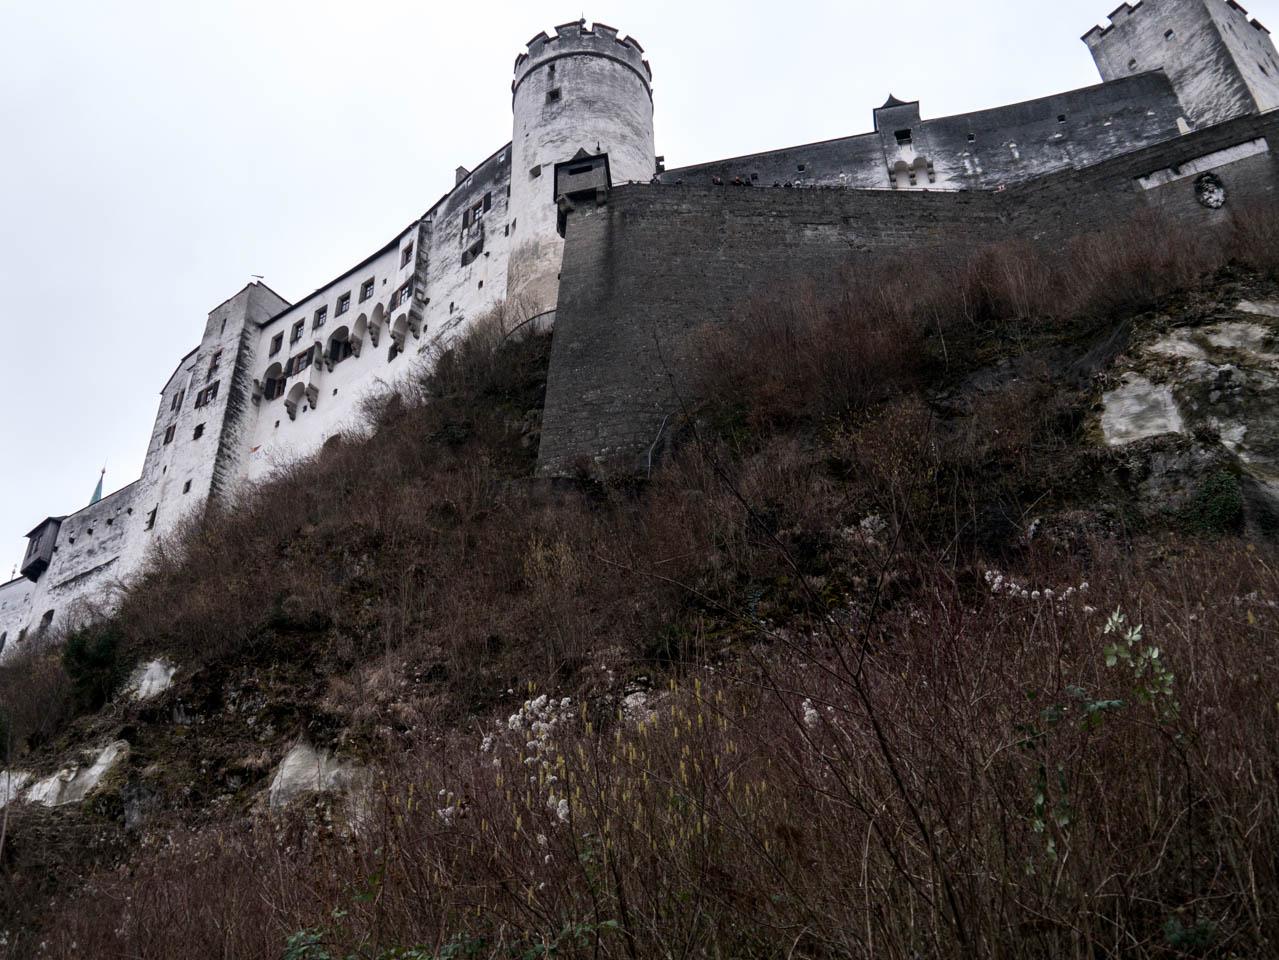 Über uns die Festung (1 von 1)